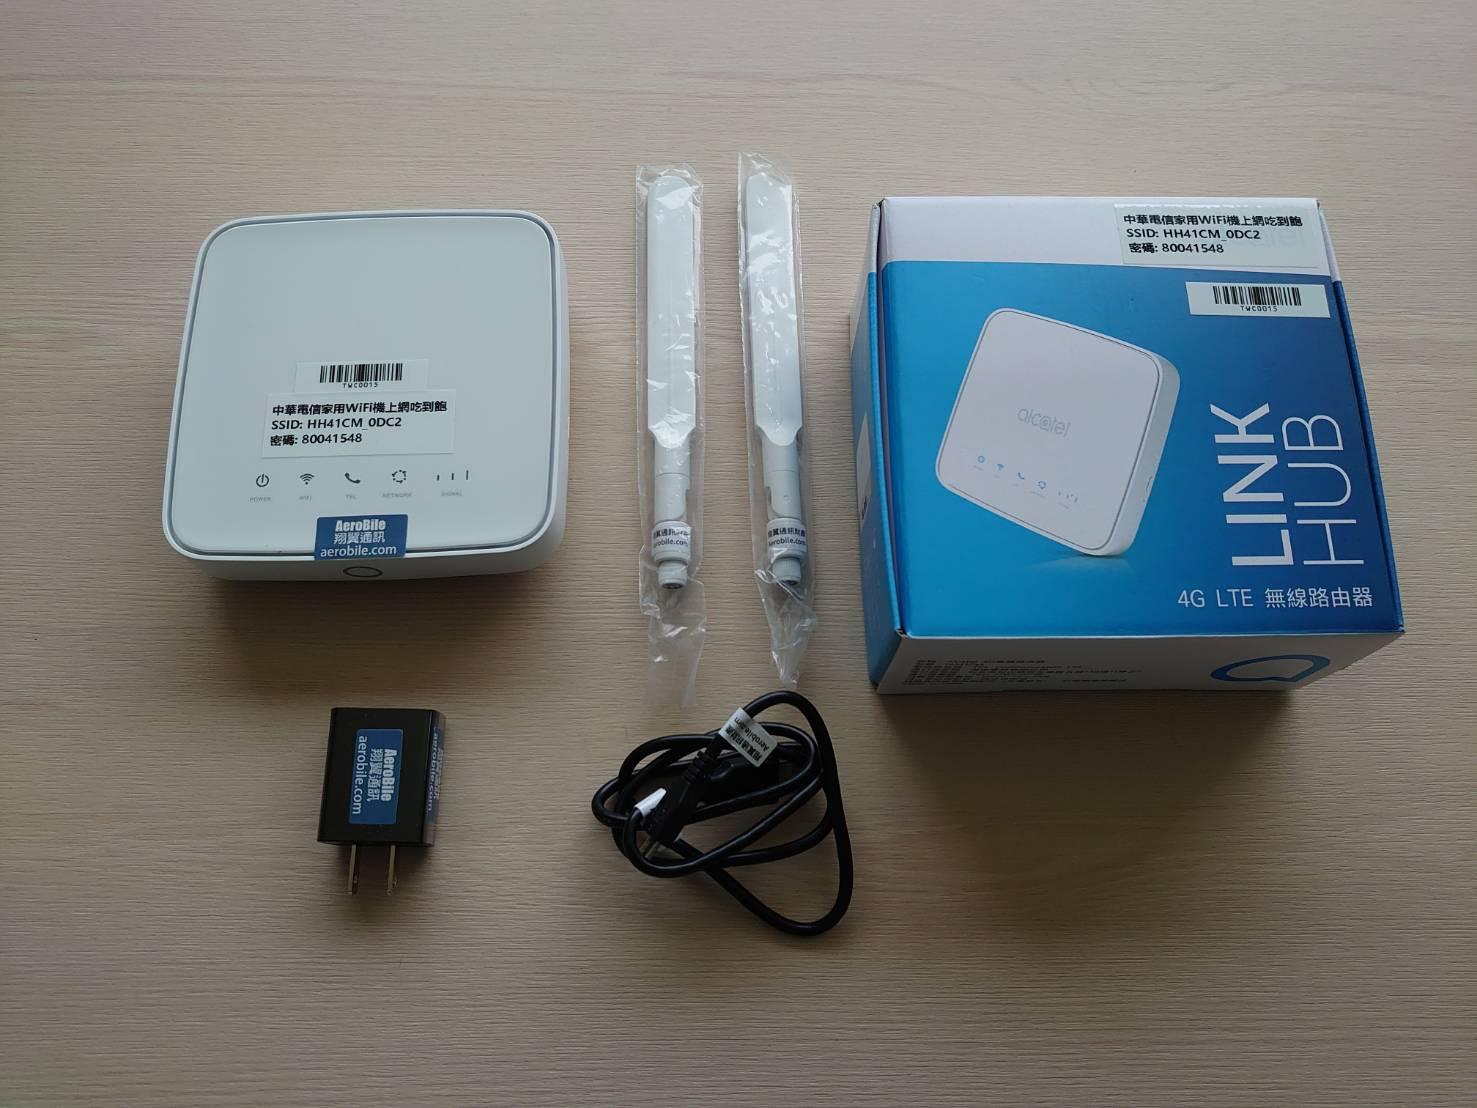 【開箱】中華電信家用WiFi機,上網吃到飽( Link Hub 4G LTE 無線路由器)